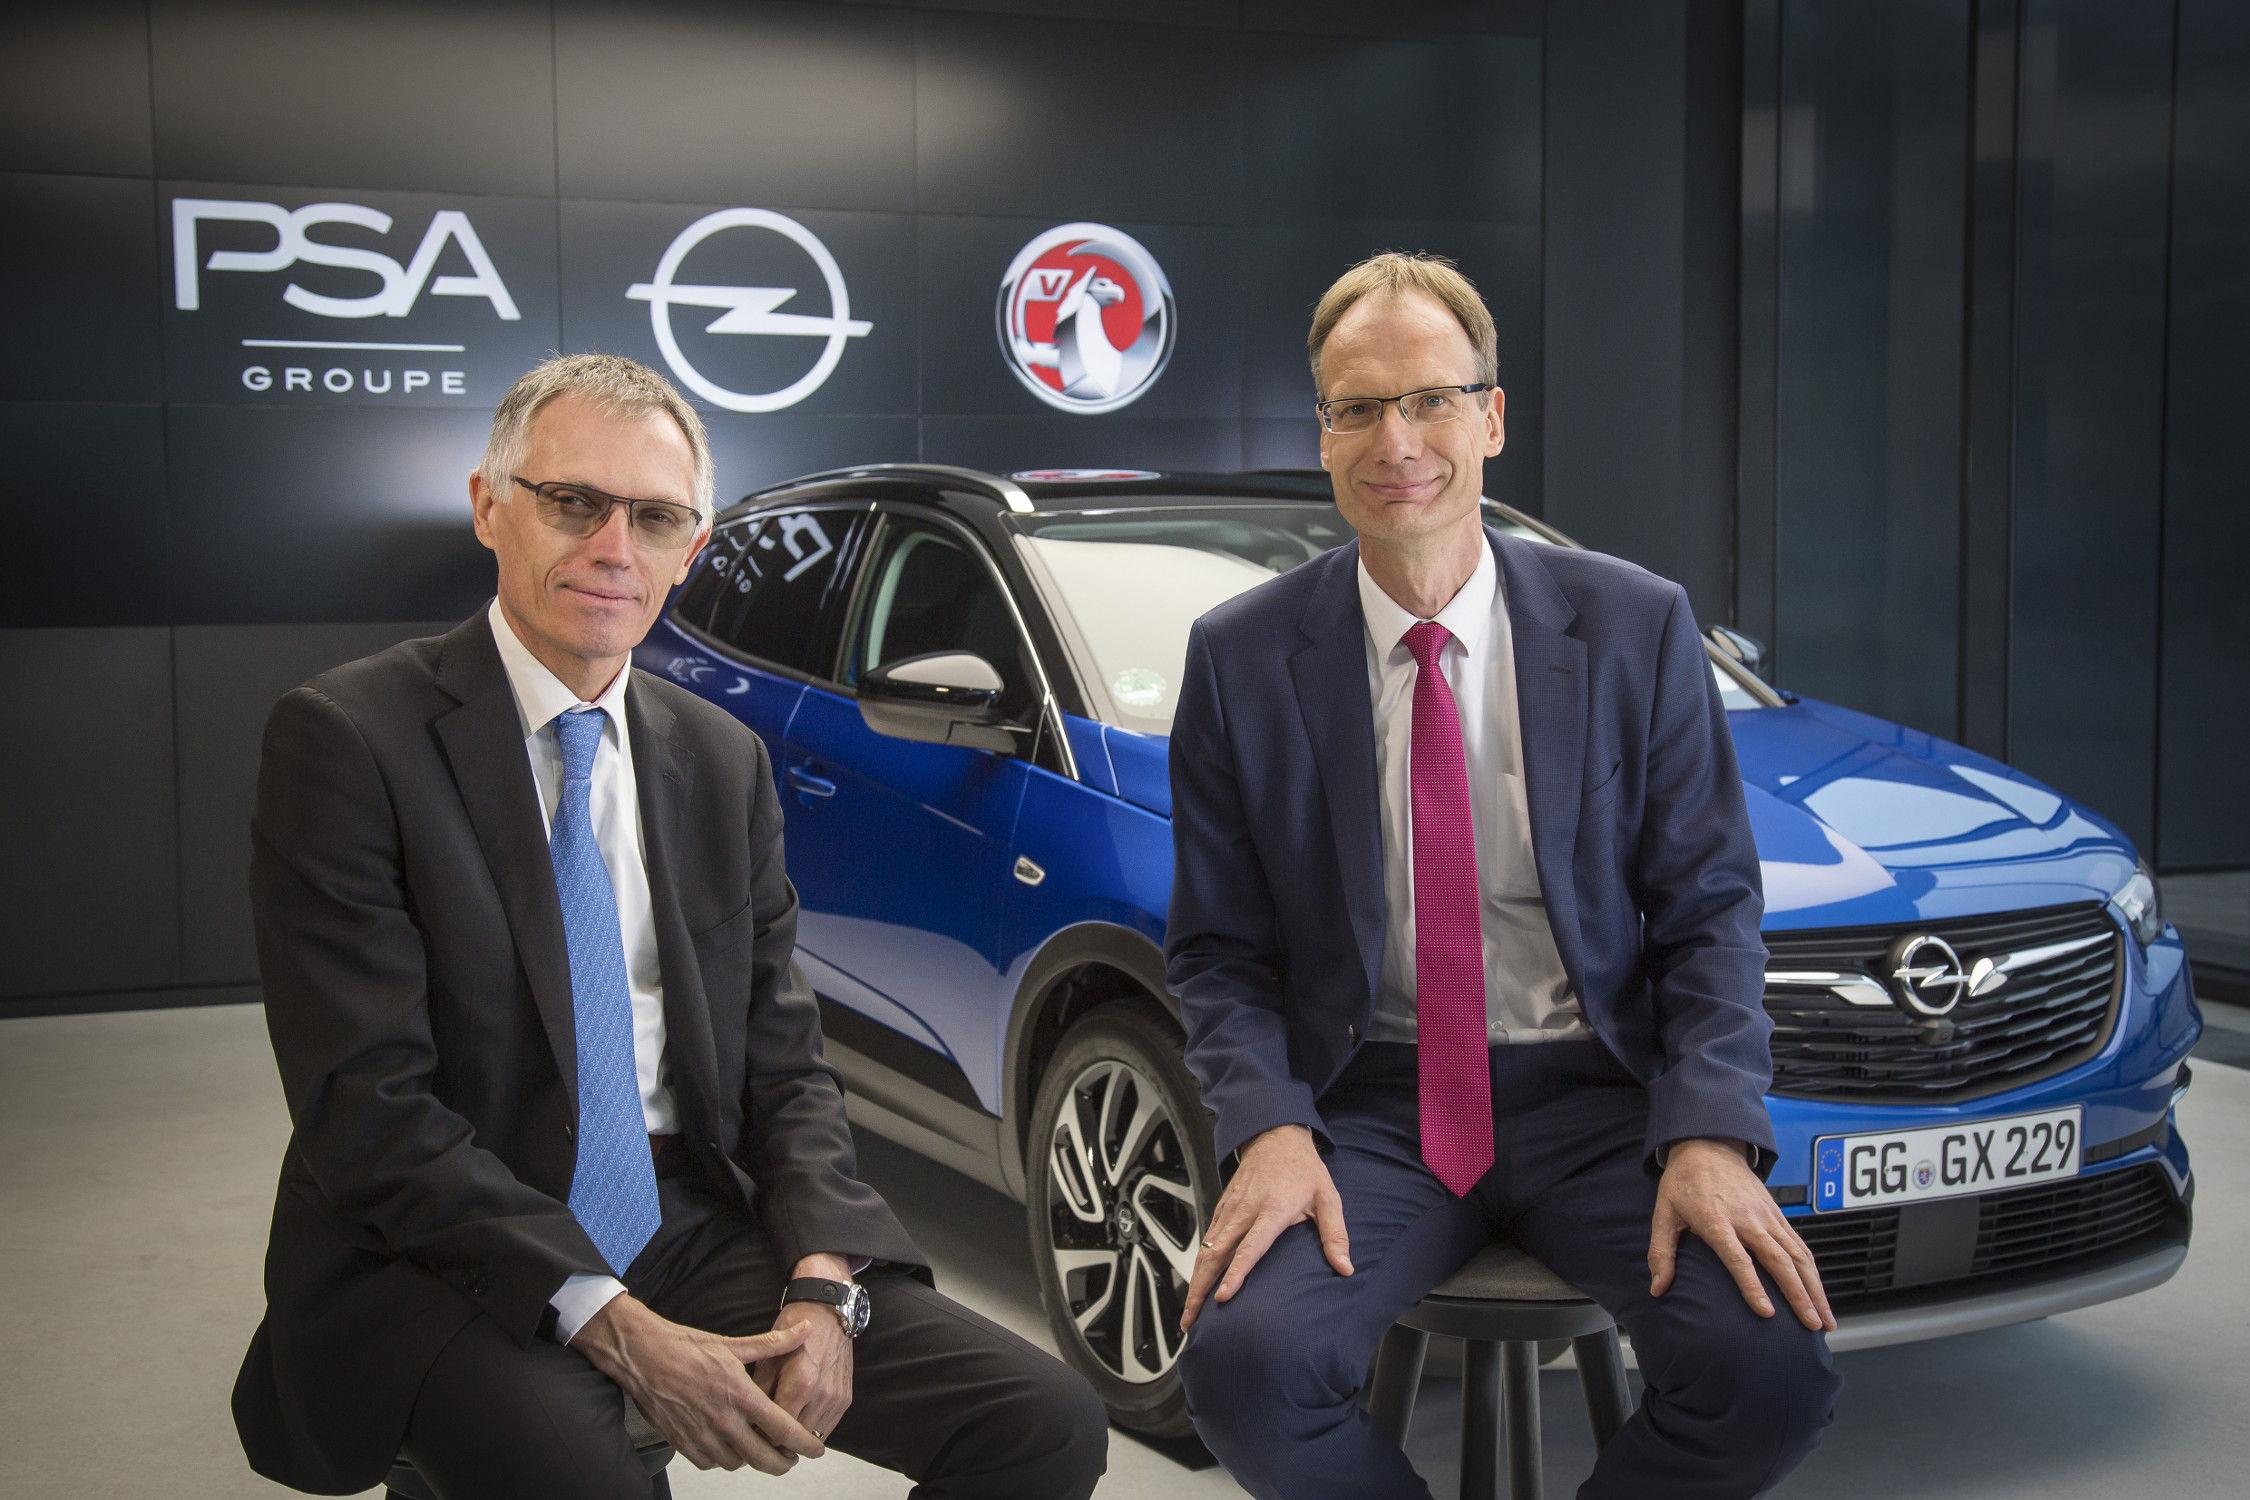 Carlos Tavares, patron de PSA, et Michael Lohscheller, PDG d'Opel